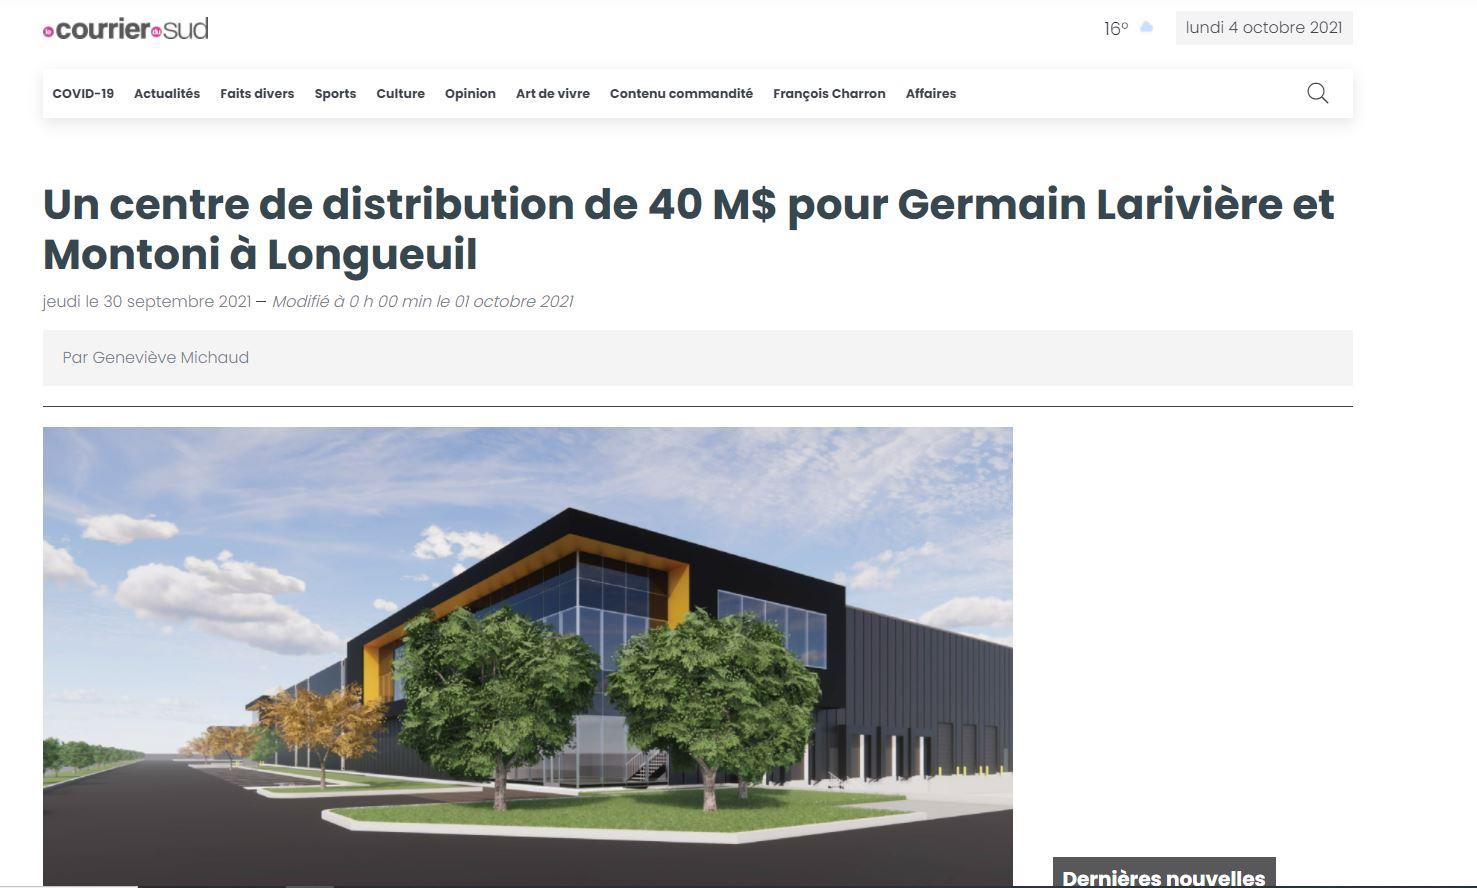 Un centre de distribution de 40 M$ pour Germain Larivière et Montoni à Longueuil